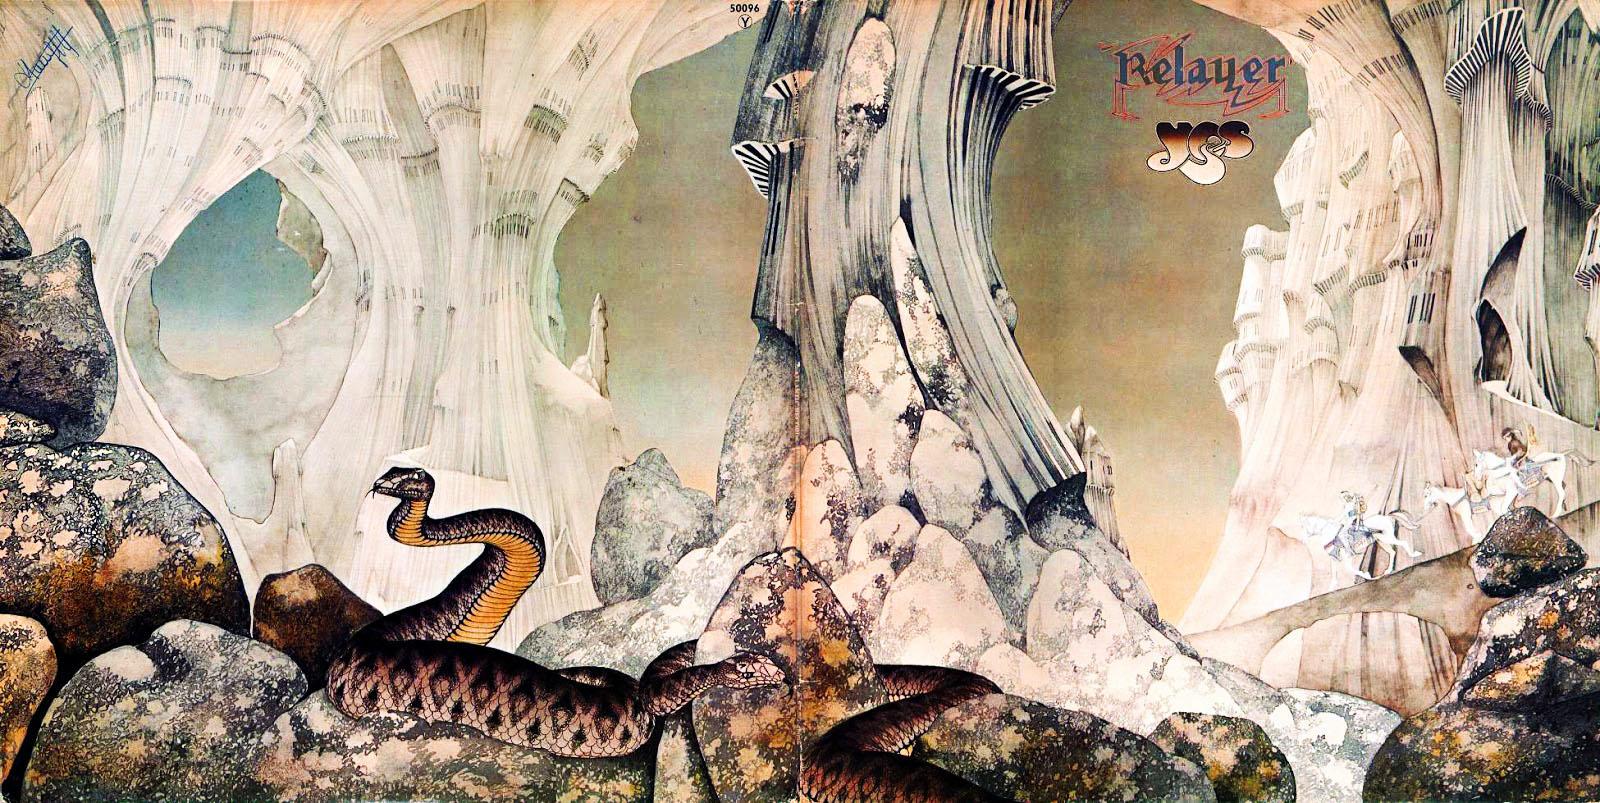 roger-dean-yes-relayer-album-cover.jpg